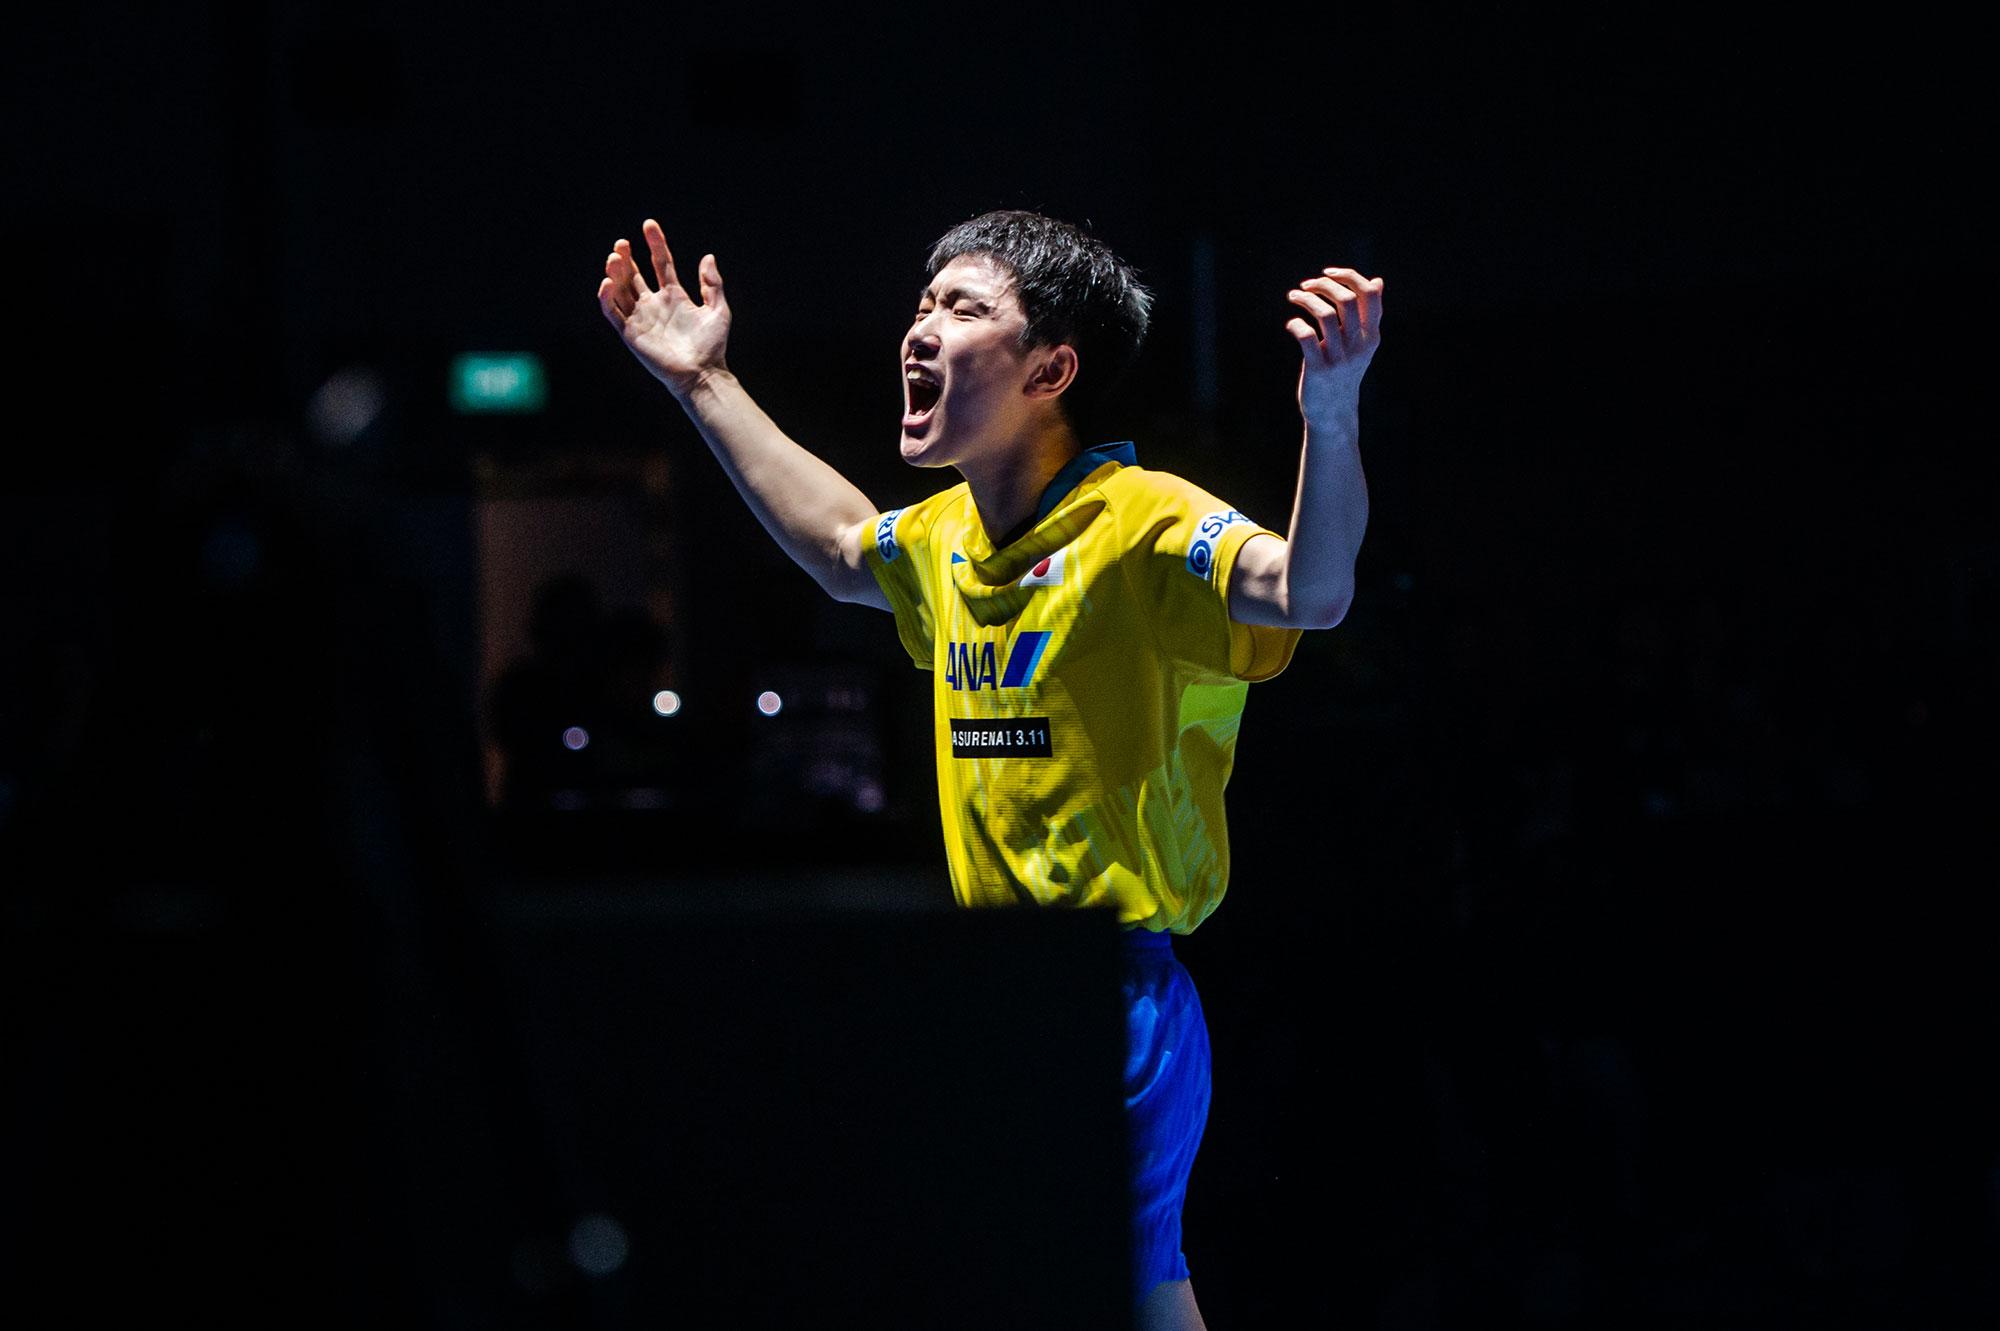 Match30_LINgaoyuan_HARIMOTOtomokazu_00592_HIGHRES